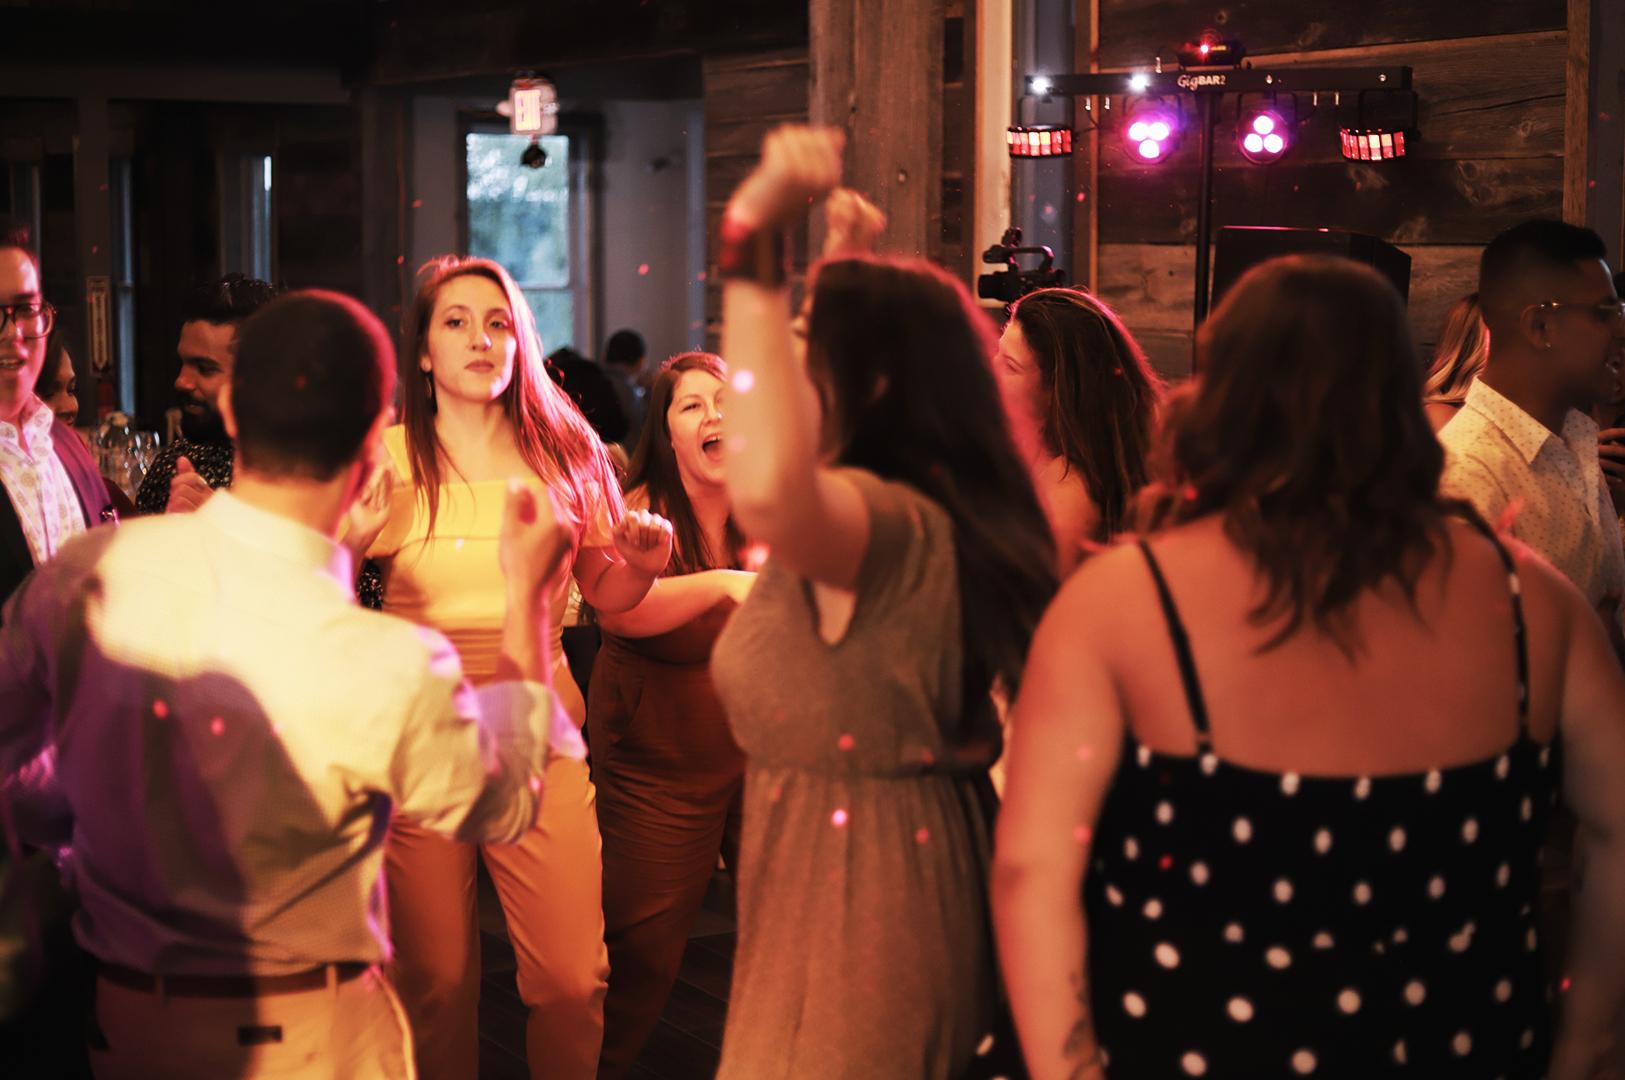 8-9-2019 dancing1